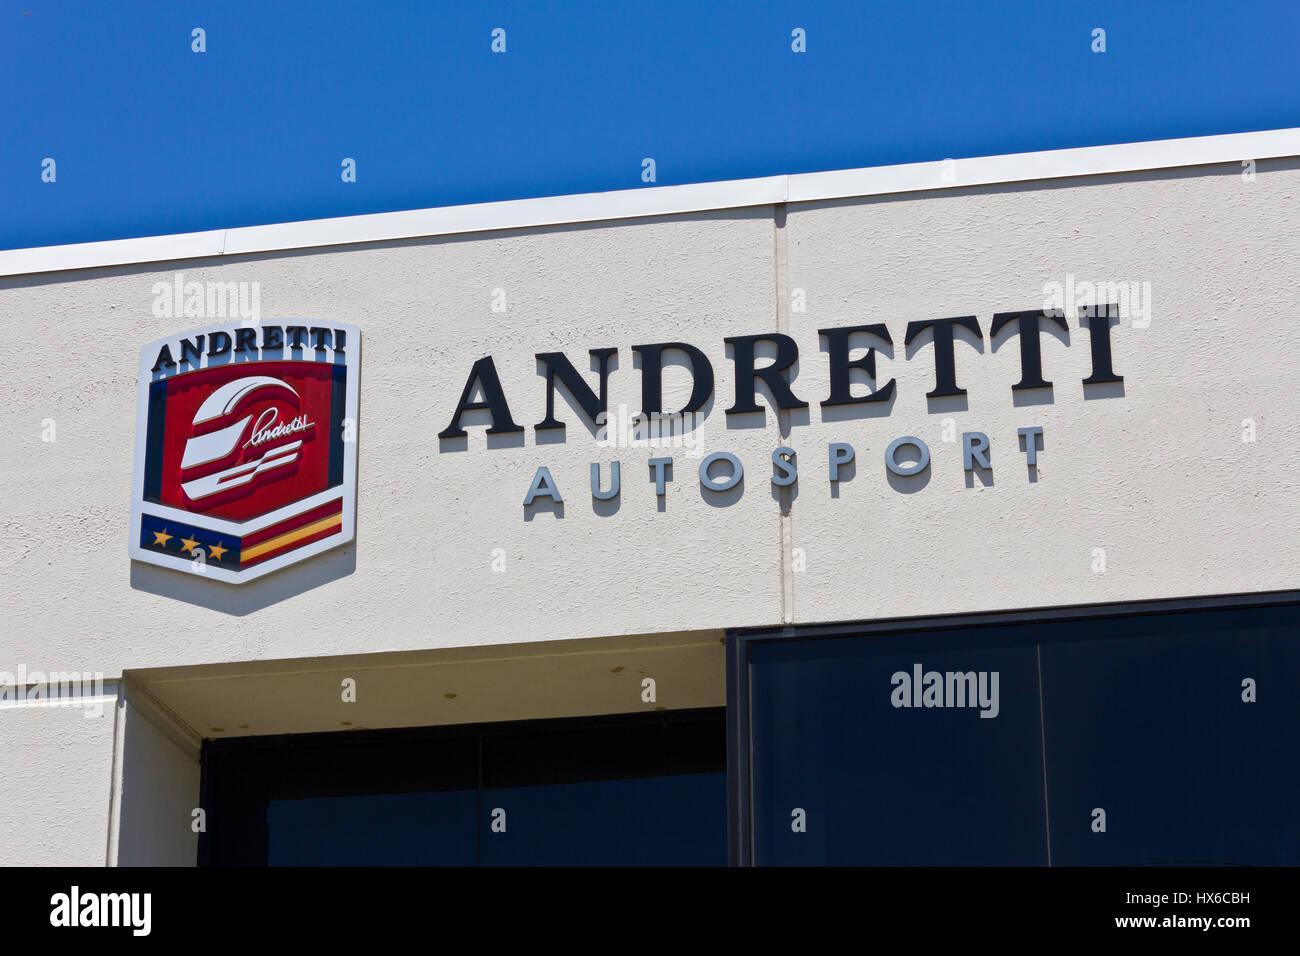 Indianapolis - ca. Juni 2016: Andretti Autosport Hauptquartier. Andretti Autosport ist ein Racing Team ich Stockbild